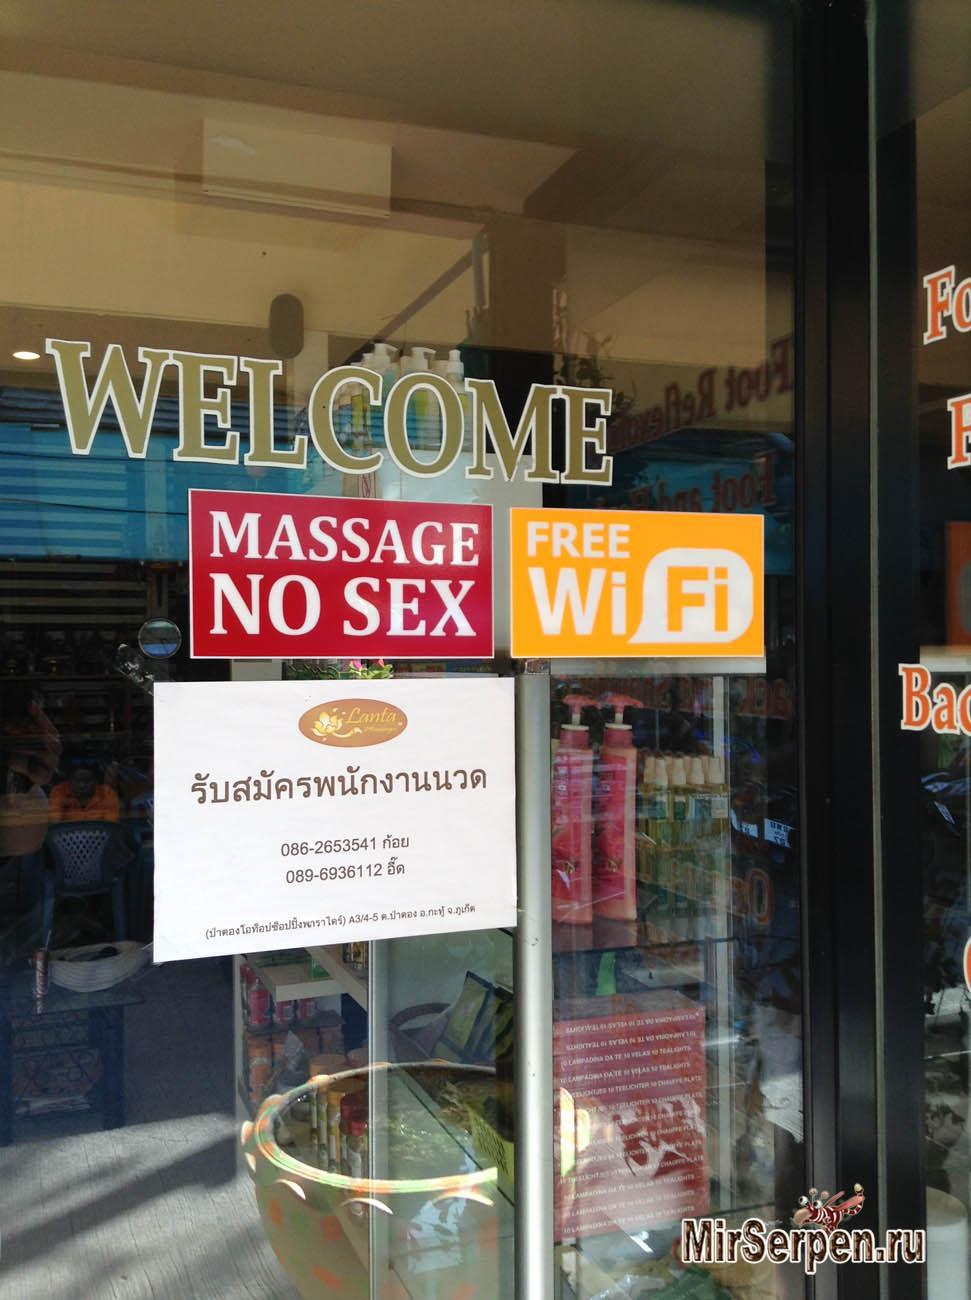 Мифы о Таиланде: Тайский массаж означает секс